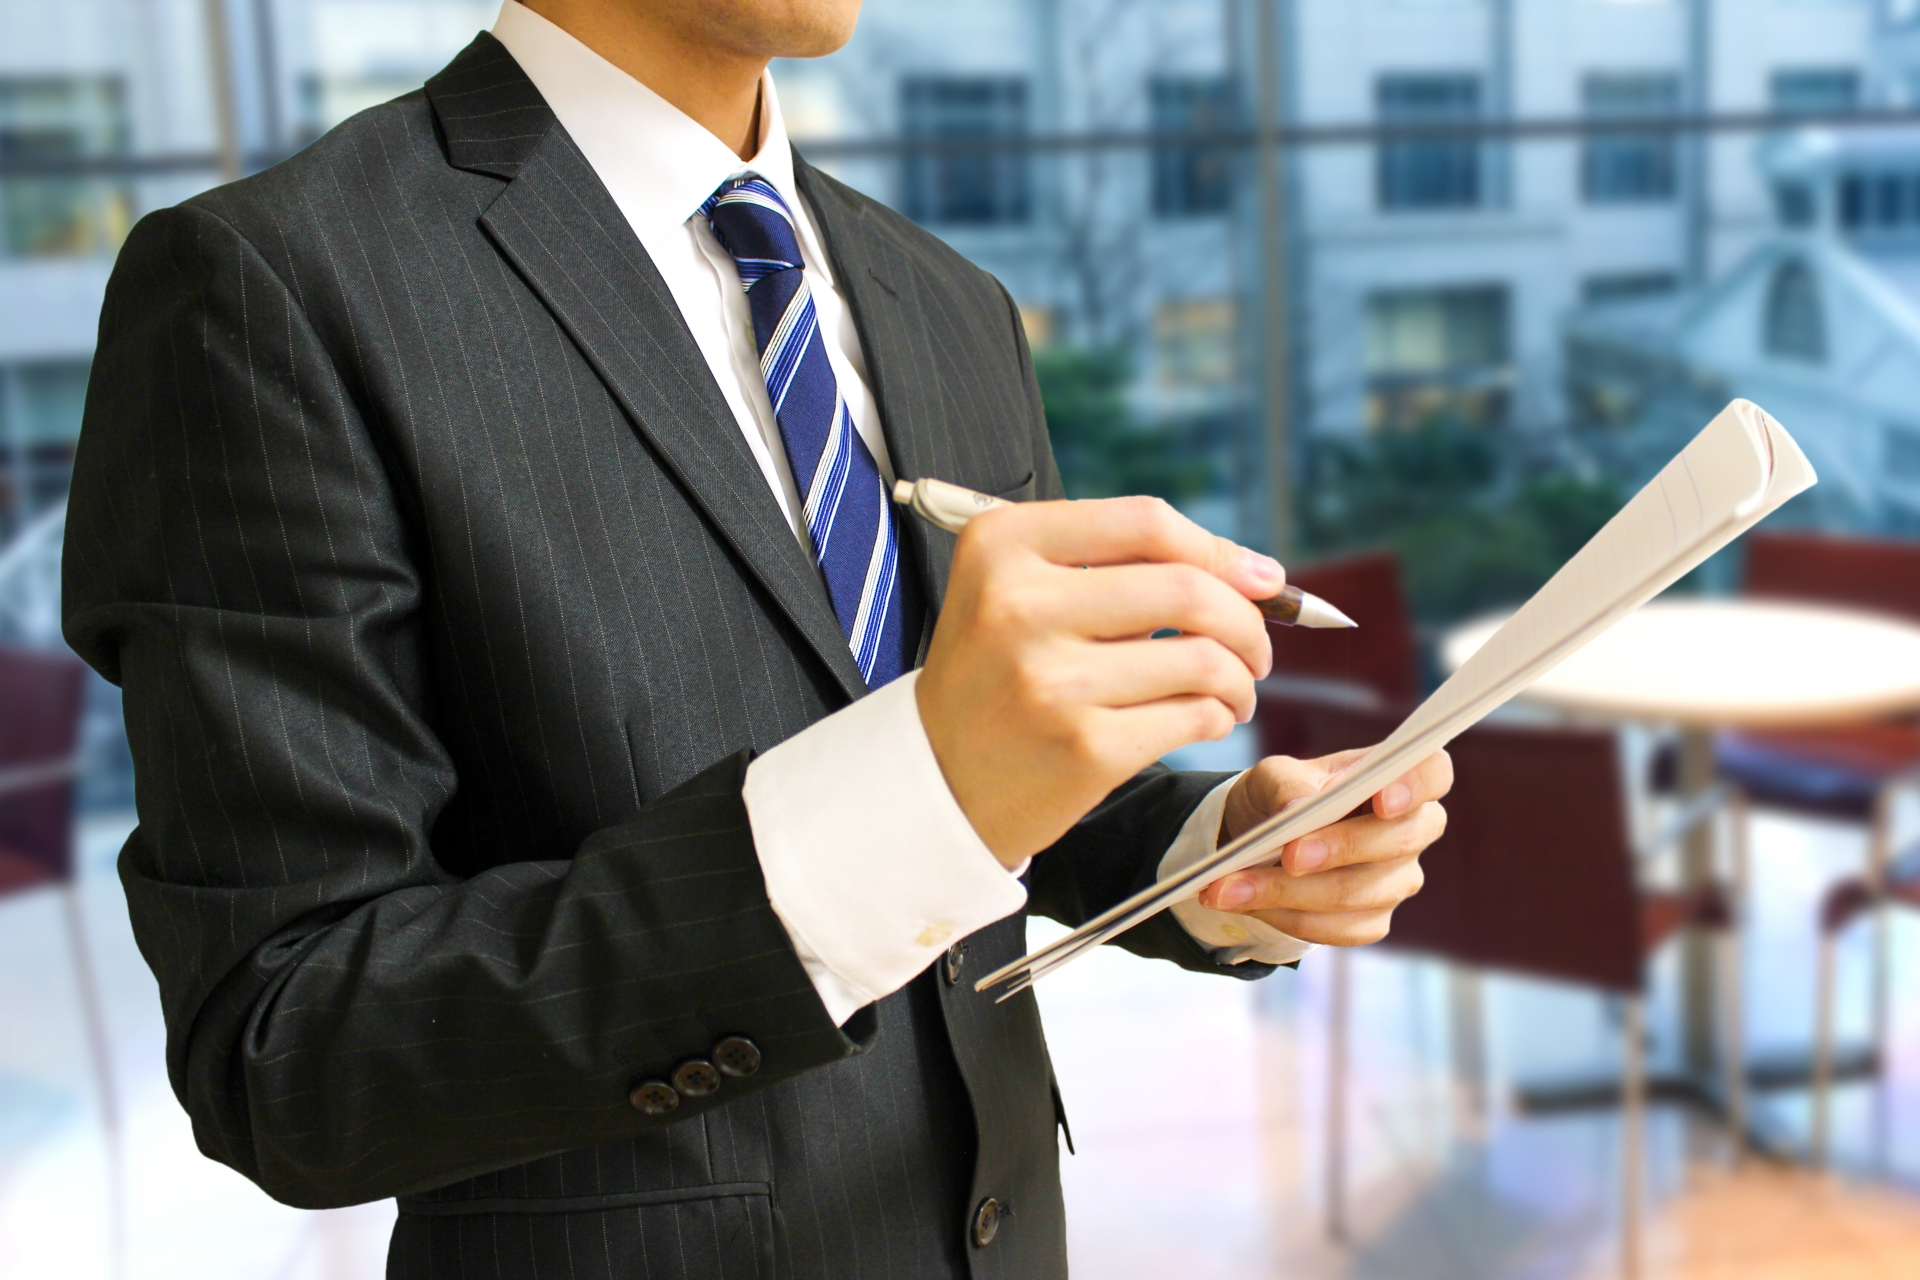 法定調書の主な4種類と提出方法とは?提出時に注意すべき4つの点